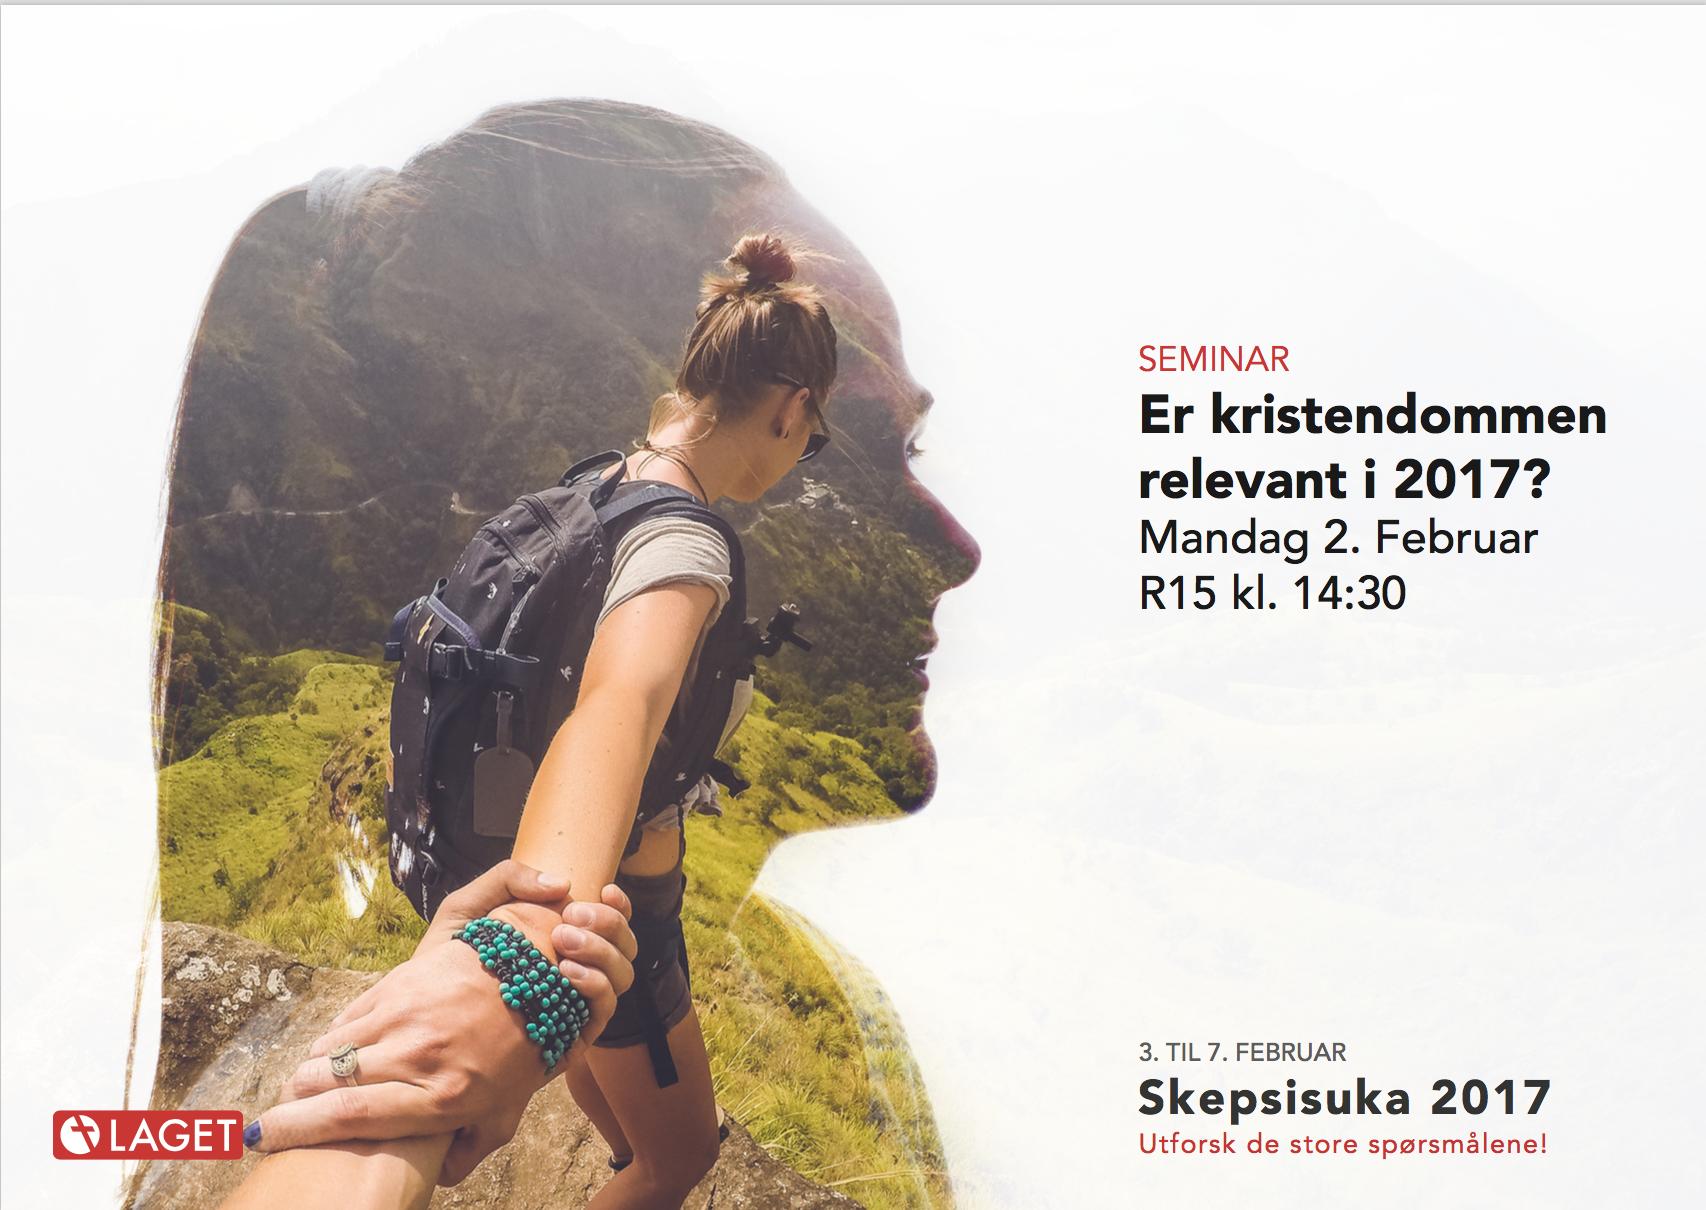 Skjermbilde 2017-07-17 kl. 11.38.24.png